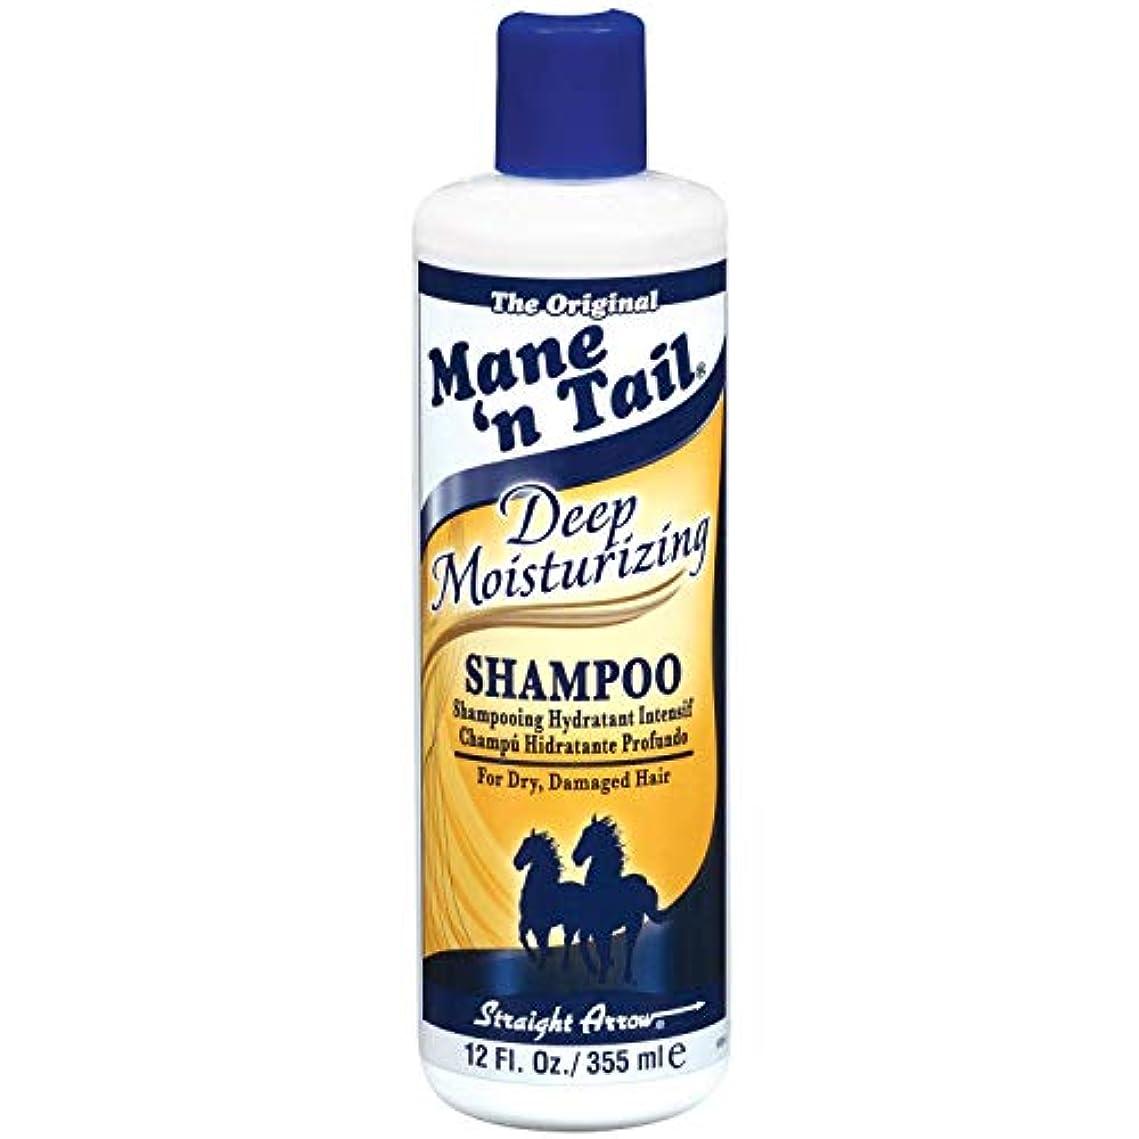 死にかけているシャイ道路を作るプロセス(馬のたてがみ メインテイル ディープ モイスチャライジング 乾燥髪?傷んだ髪用 シャンプー)Mane'n Tail Deep Moisturizing Shampoo (並行輸入品) [並行輸入品]